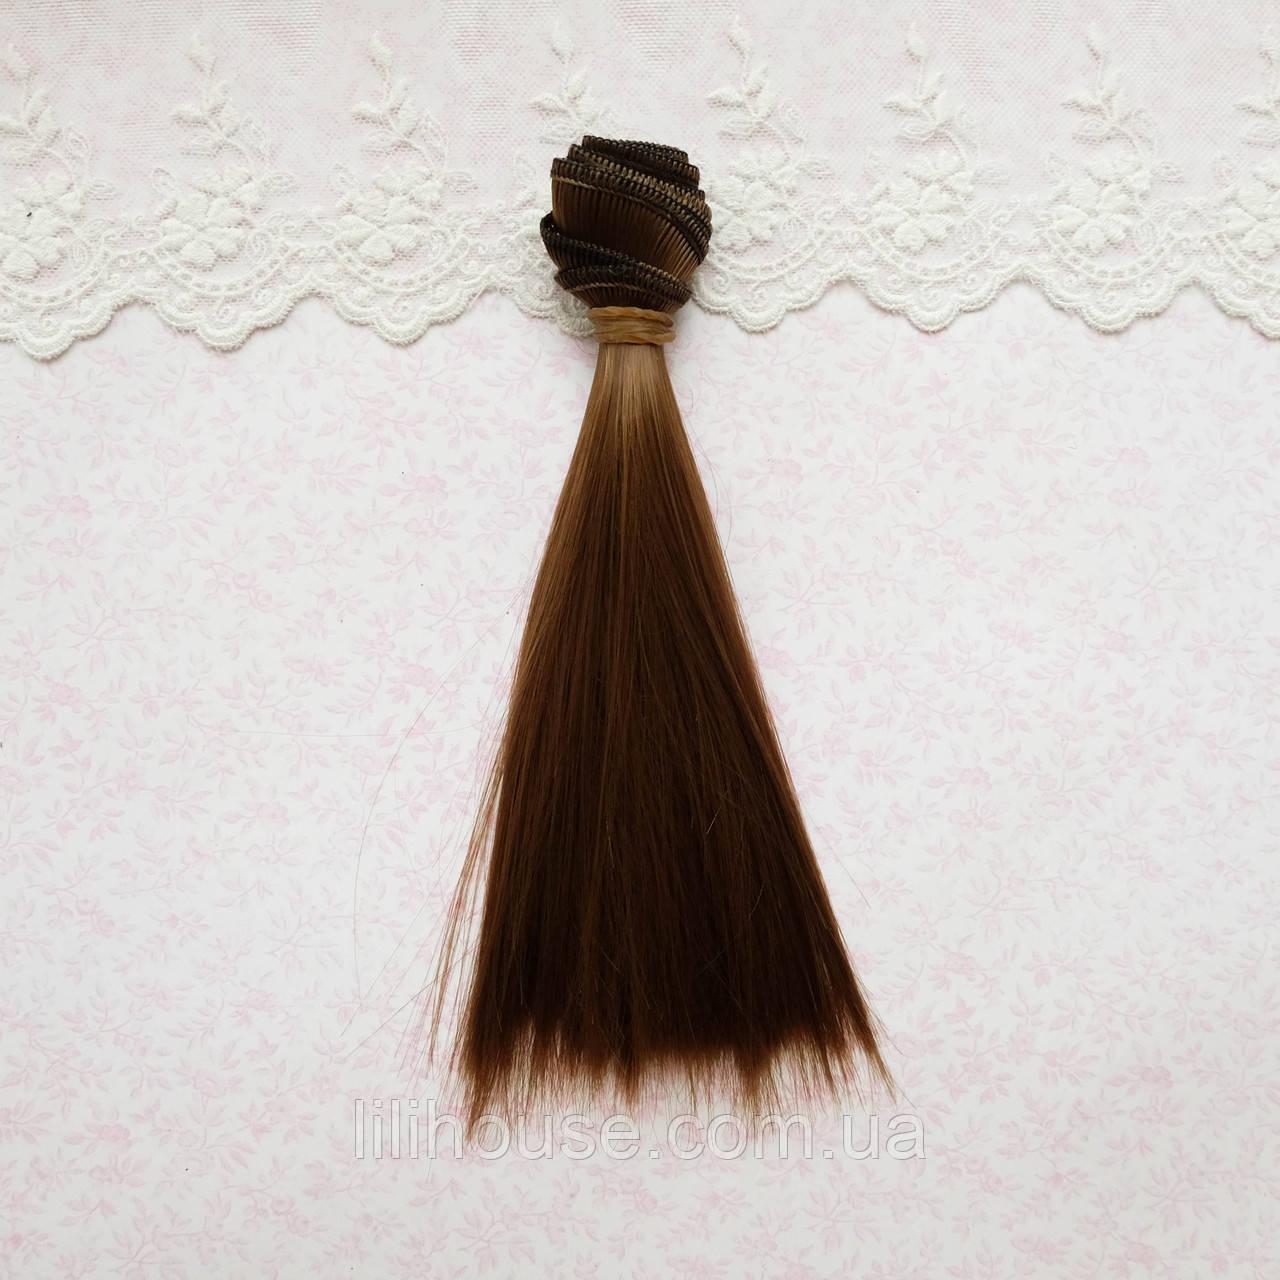 Волосы для кукол в трессах, светлый каштан шелк - 15 см